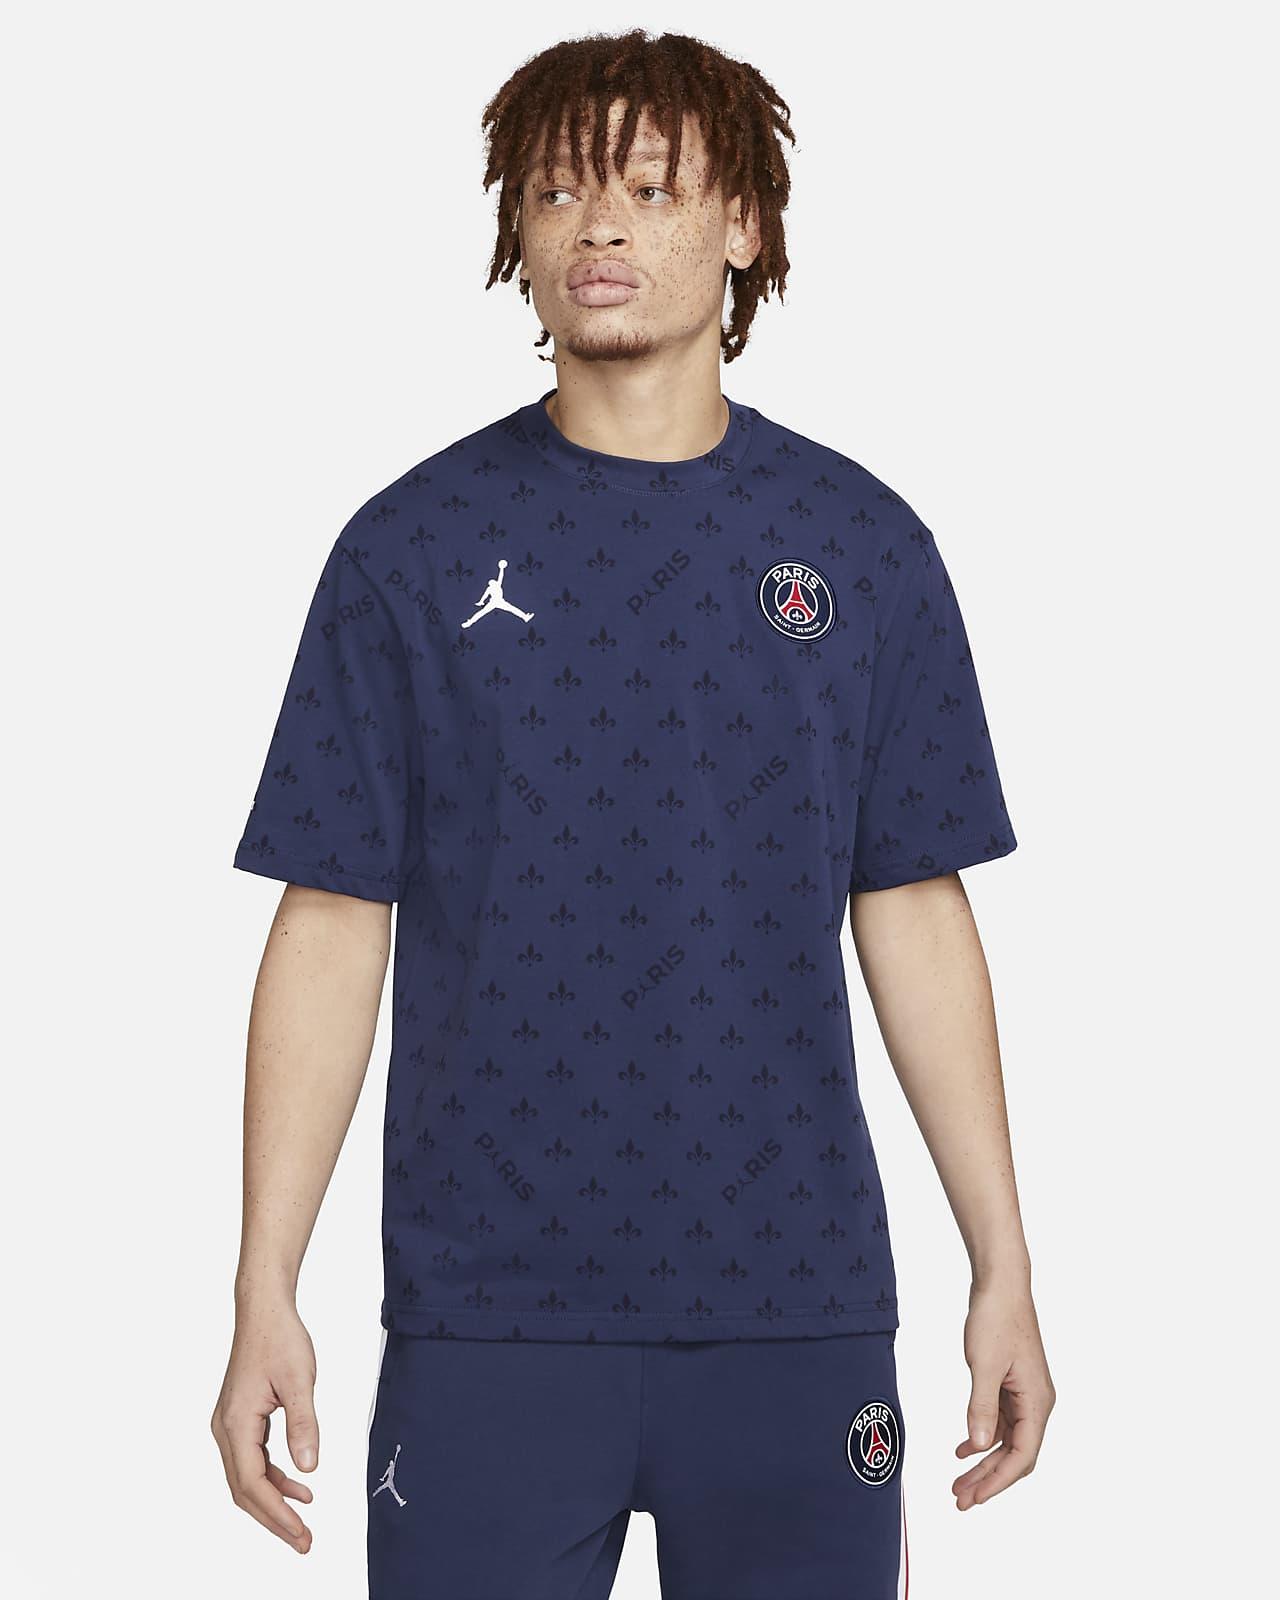 Paris Saint-Germain Men's Statement T-Shirt